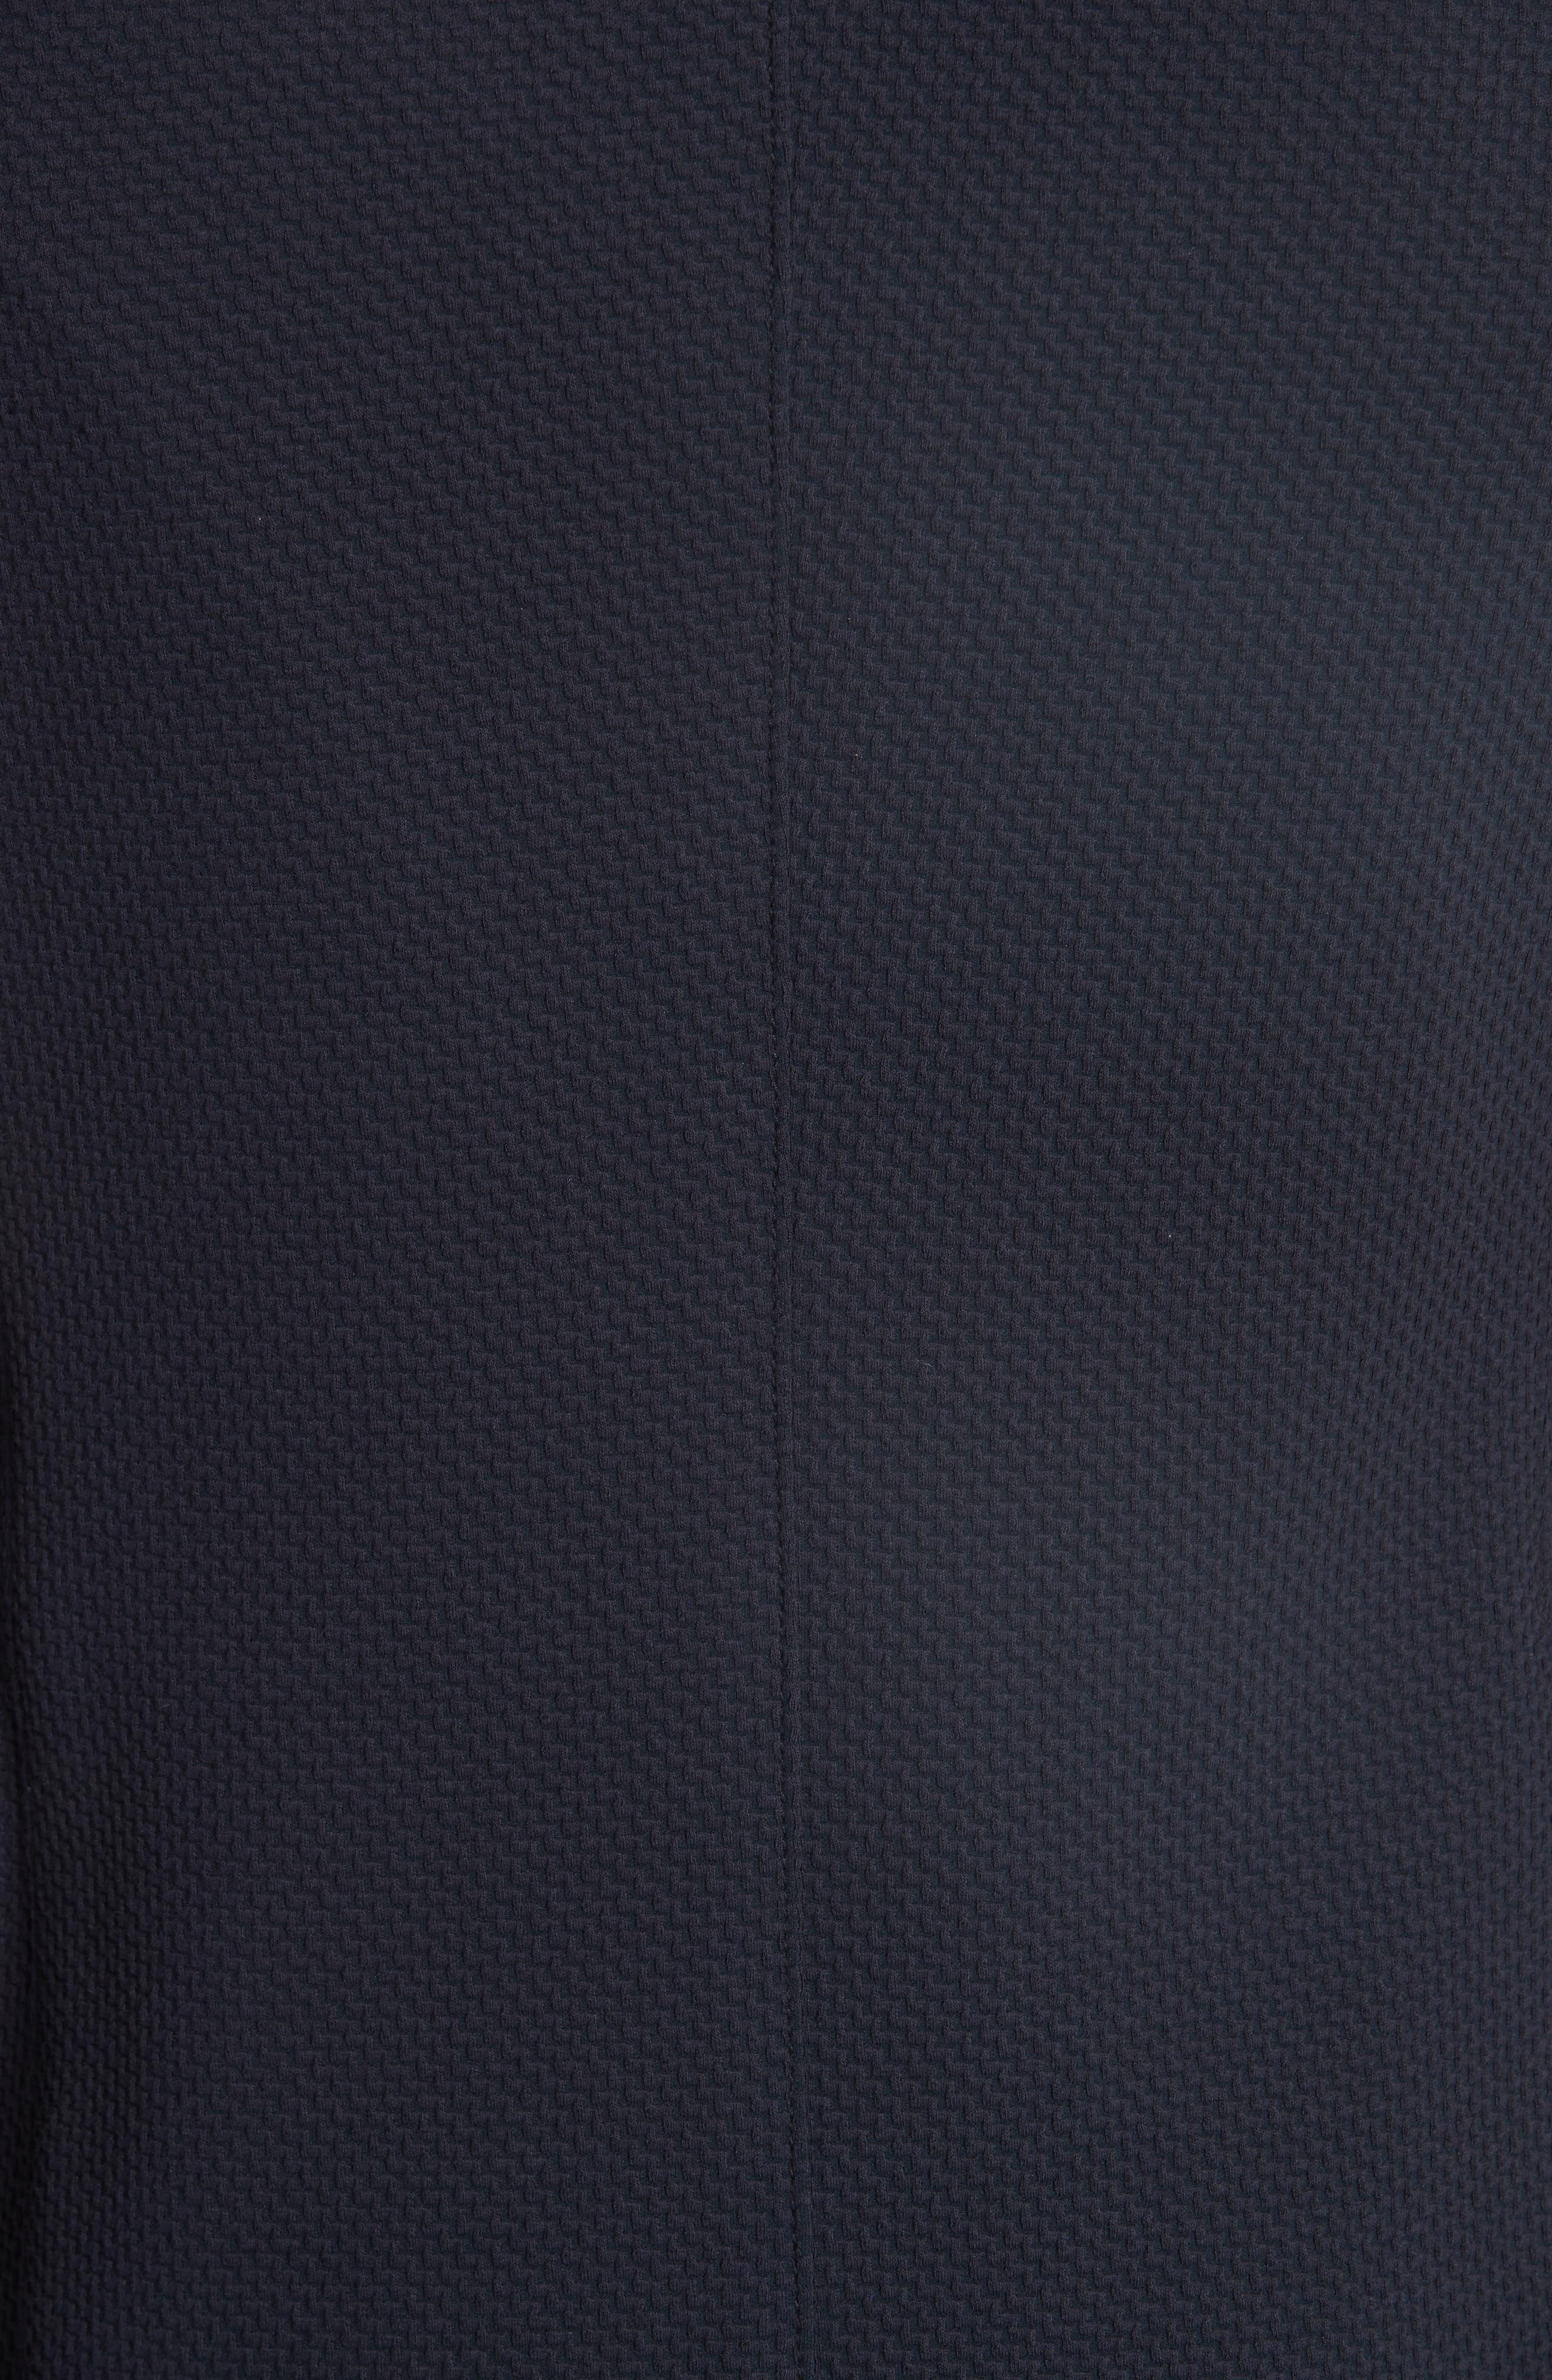 Trim Fit Blazer,                             Alternate thumbnail 3, color,                             Blue